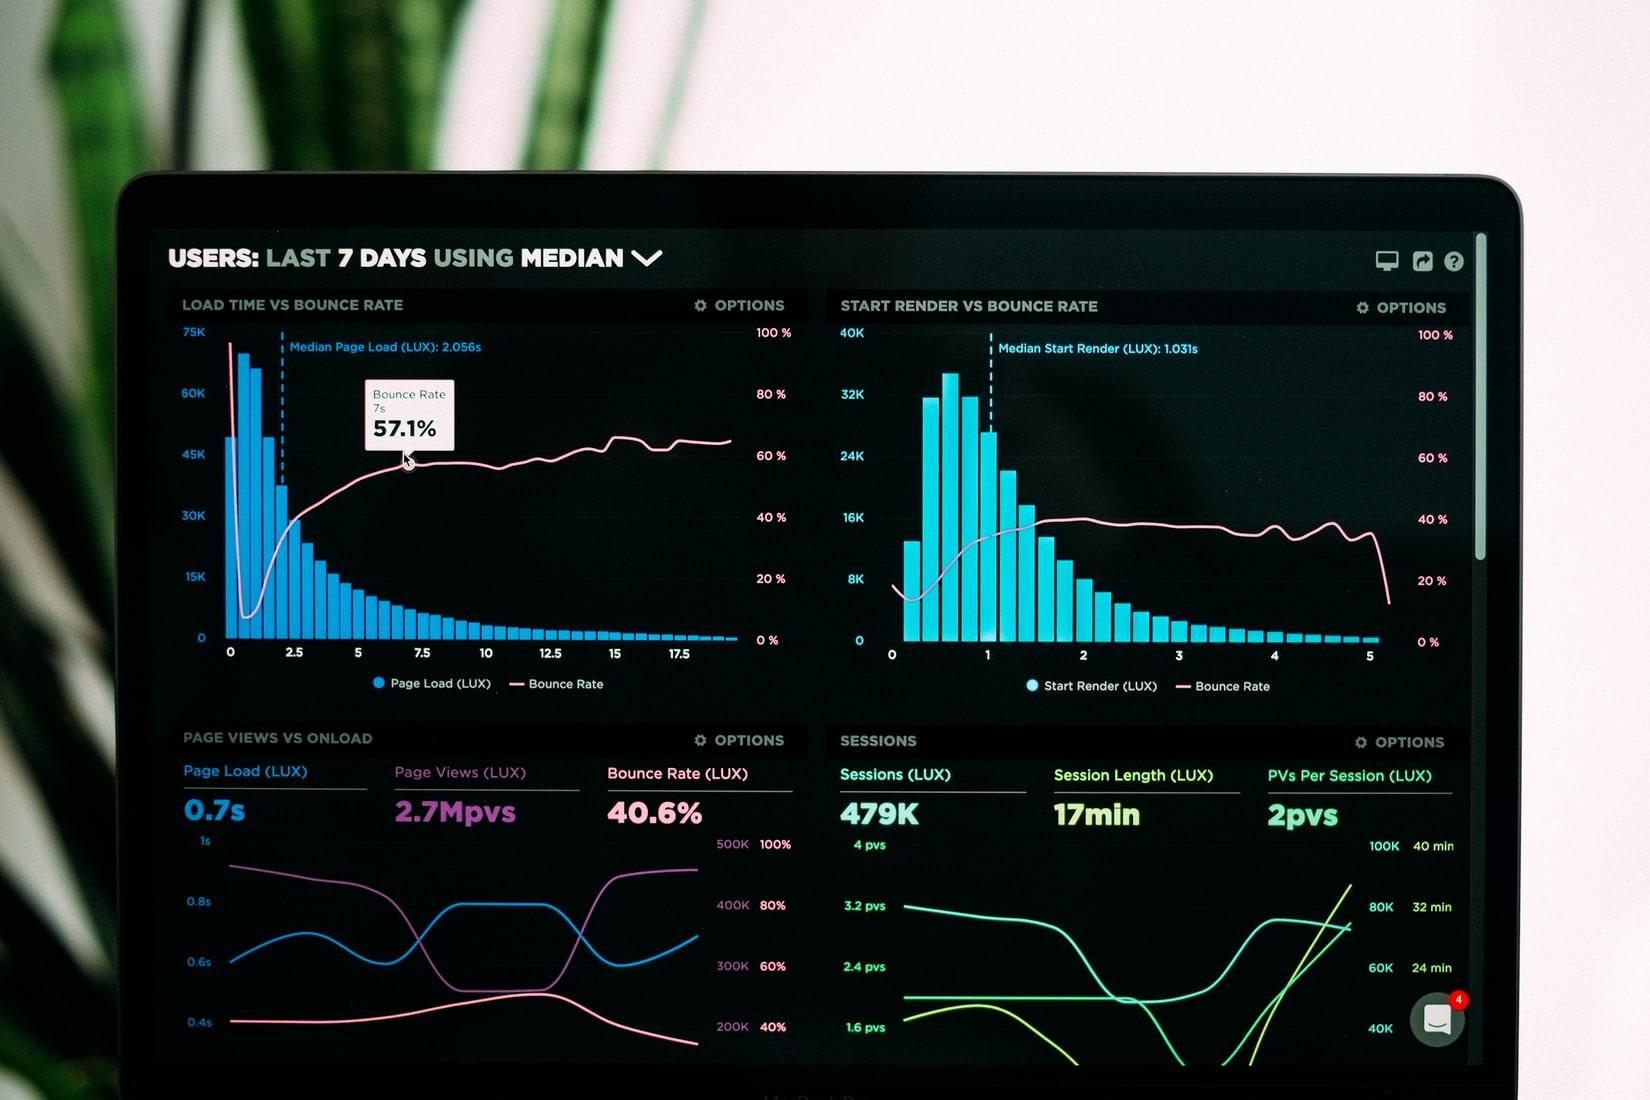 narzędzia marketingowe do analityki web i mobile